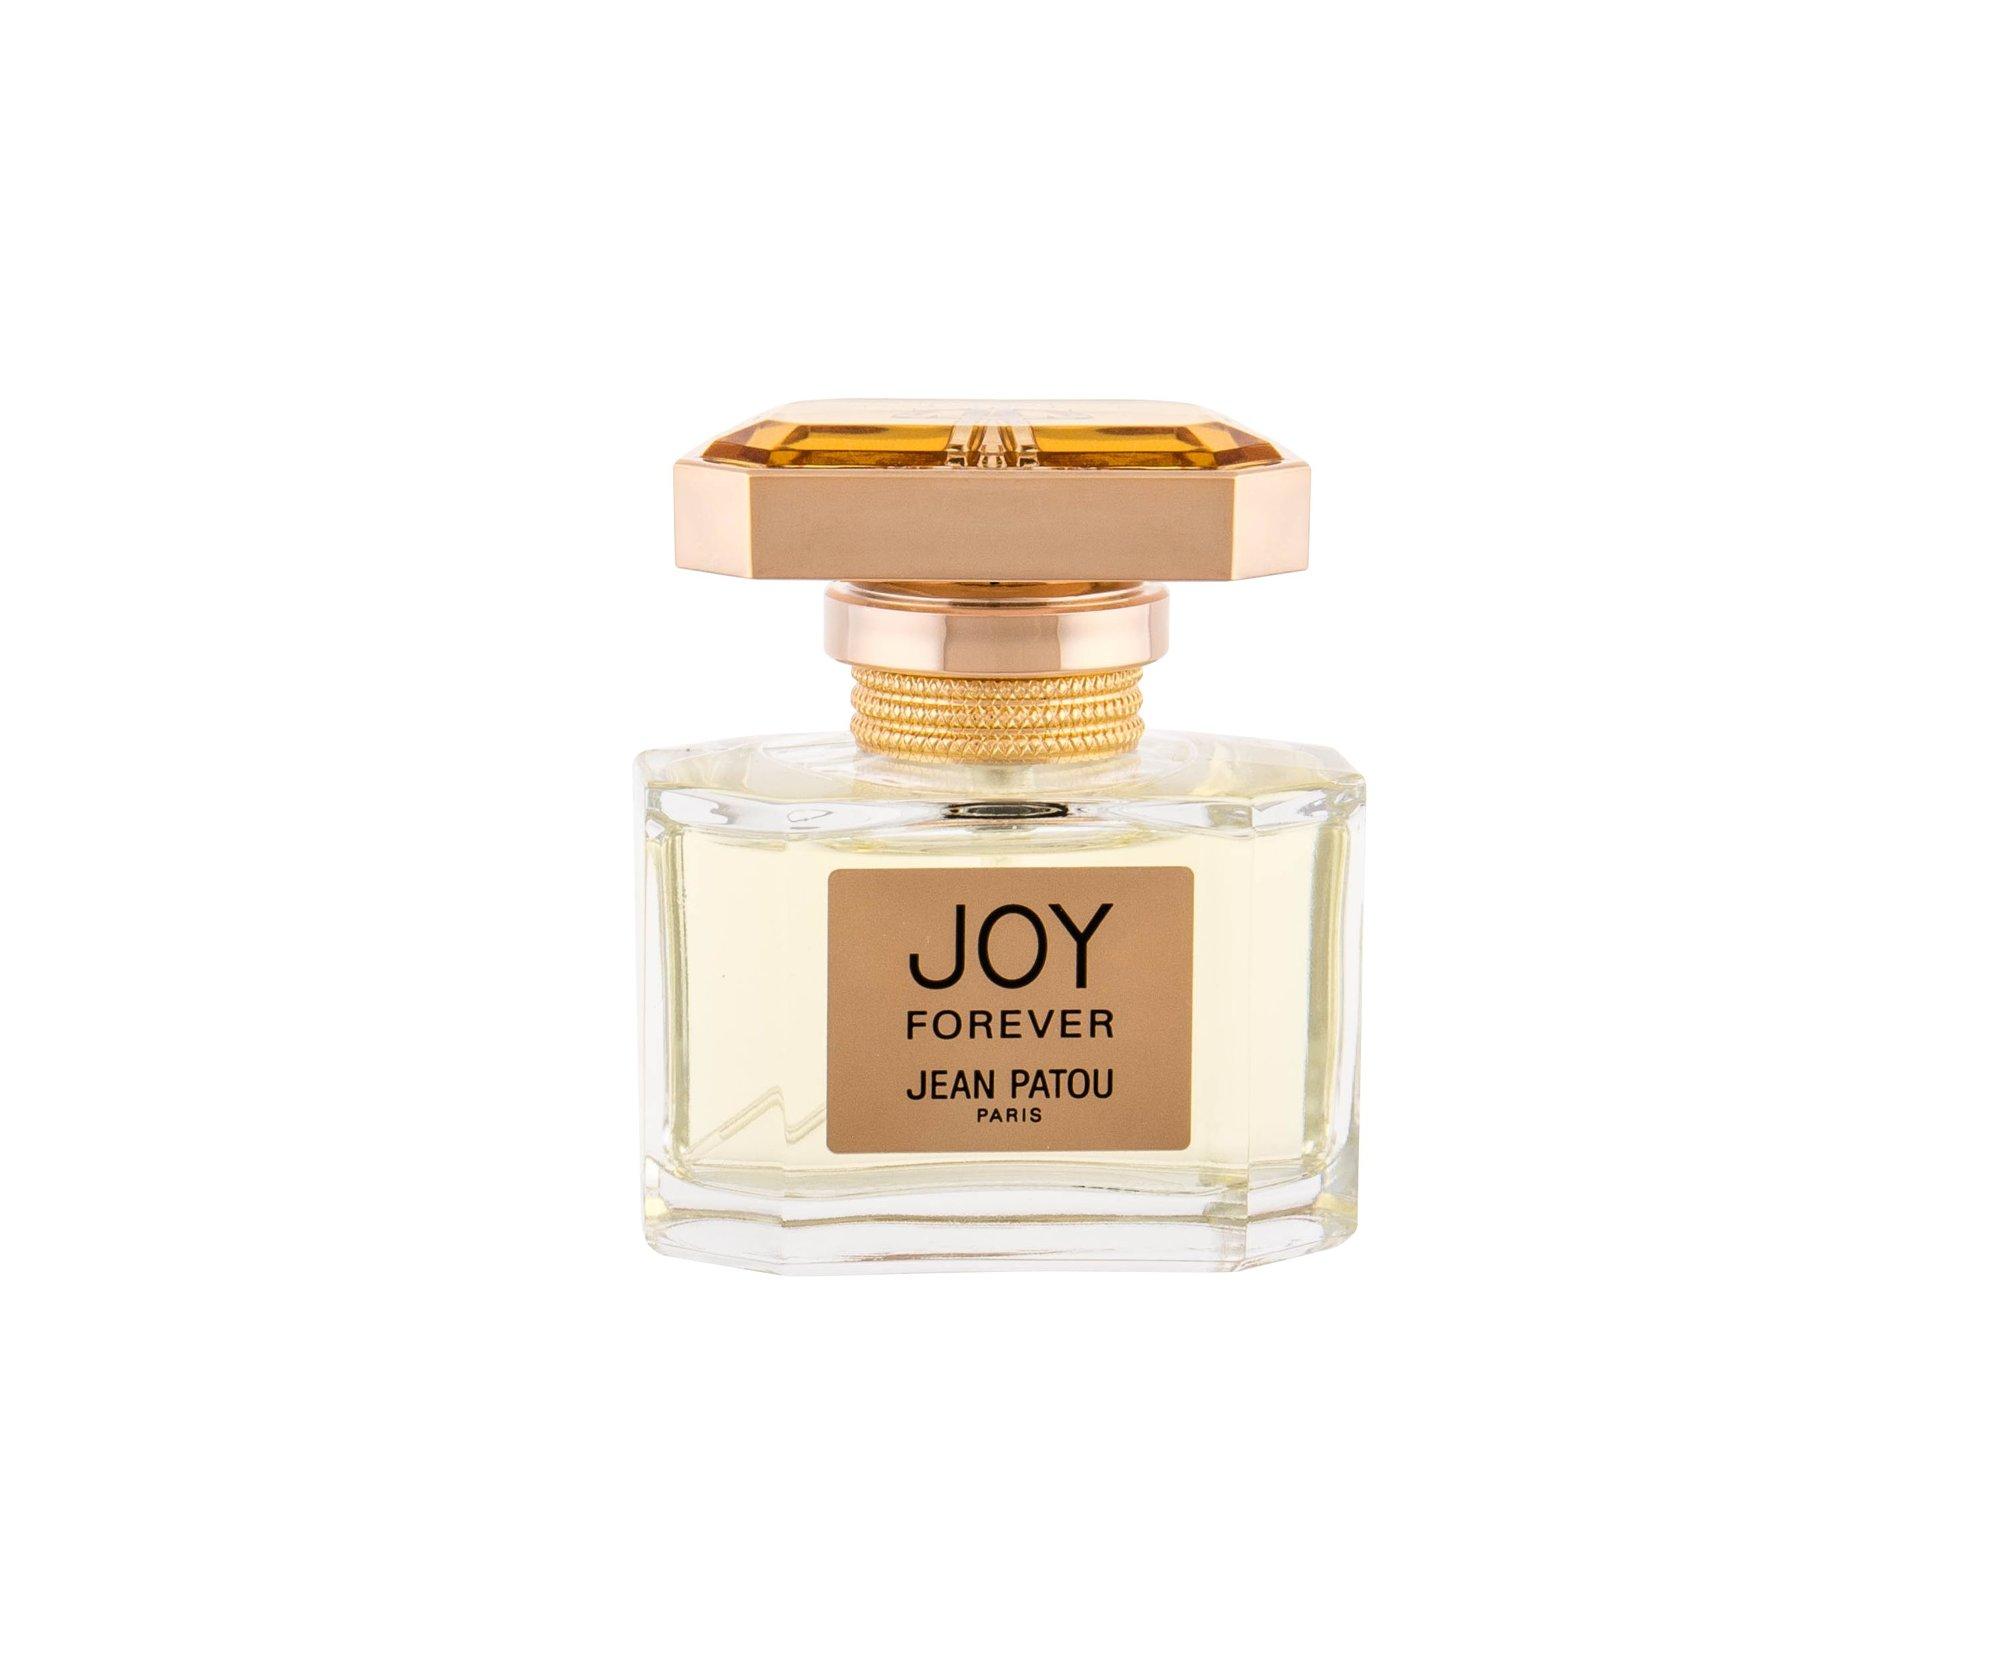 Jean Patou Joy Forever Eau de Parfum 30ml